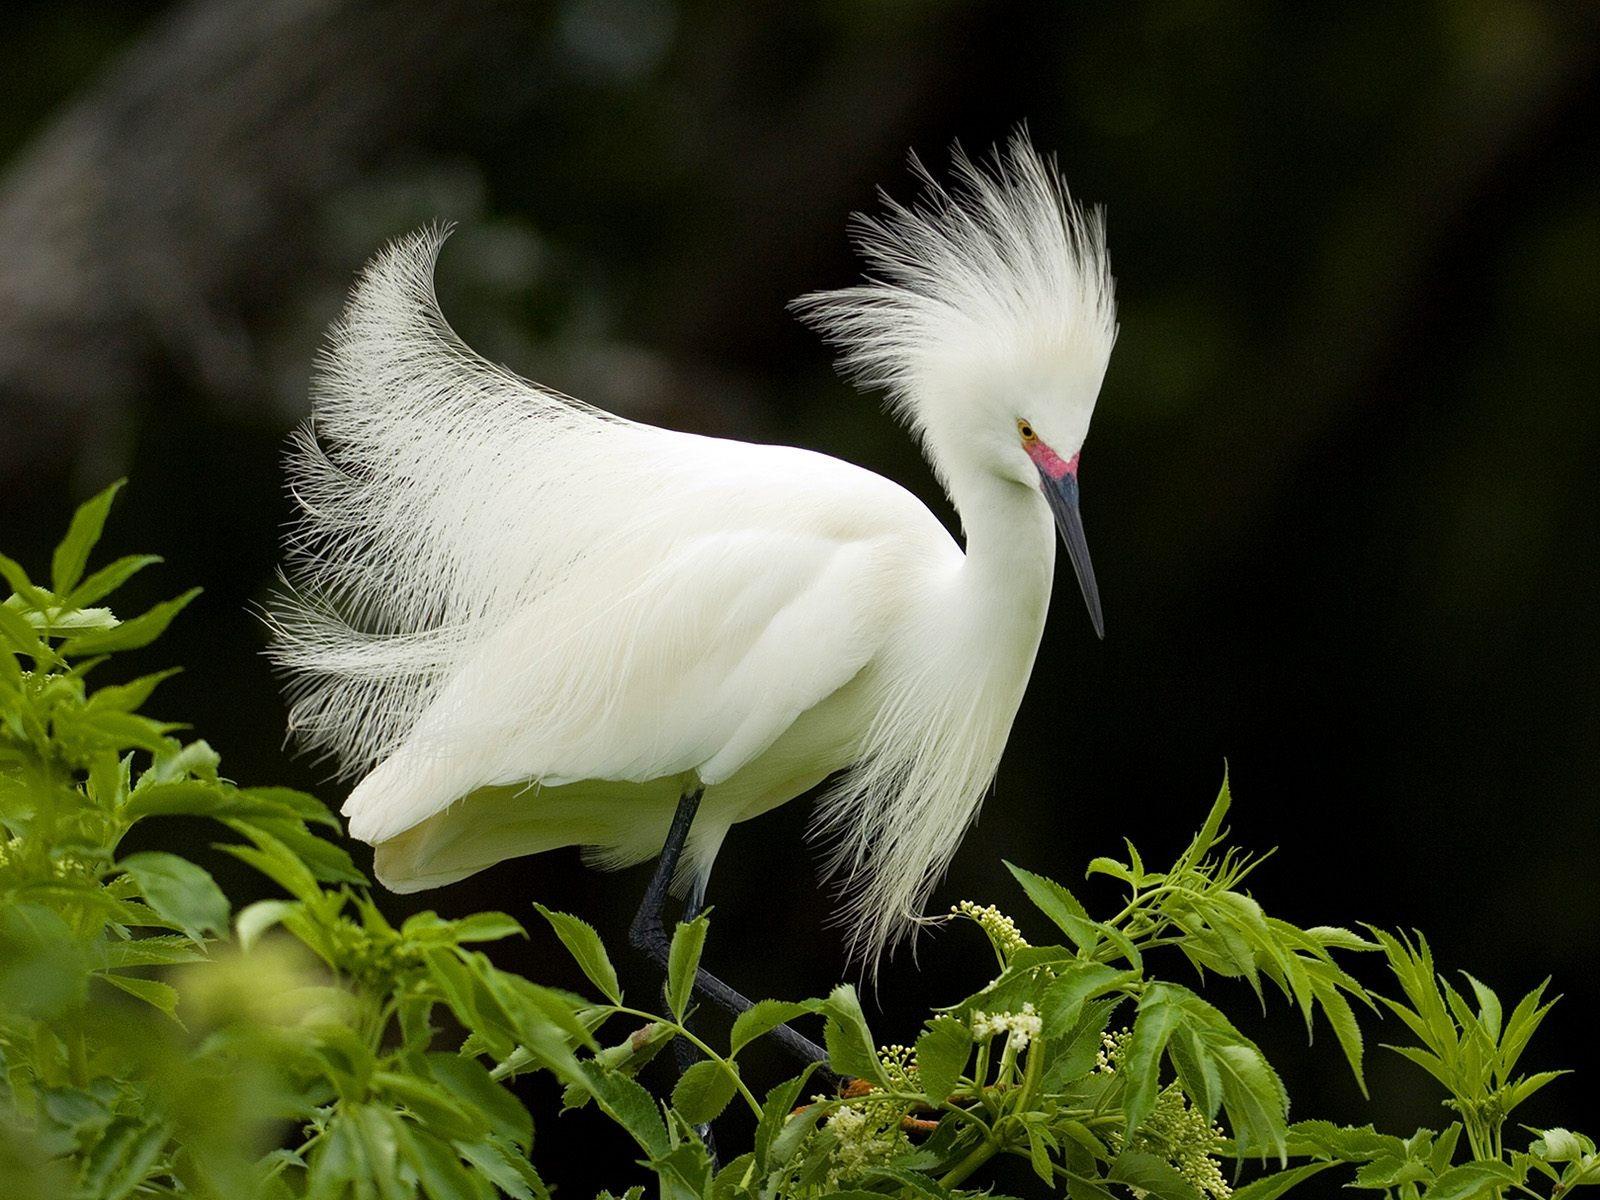 بالصور صور طيور , بدقة عالية شاهد صور طيور مختلفة ومتنوعة 4275 2